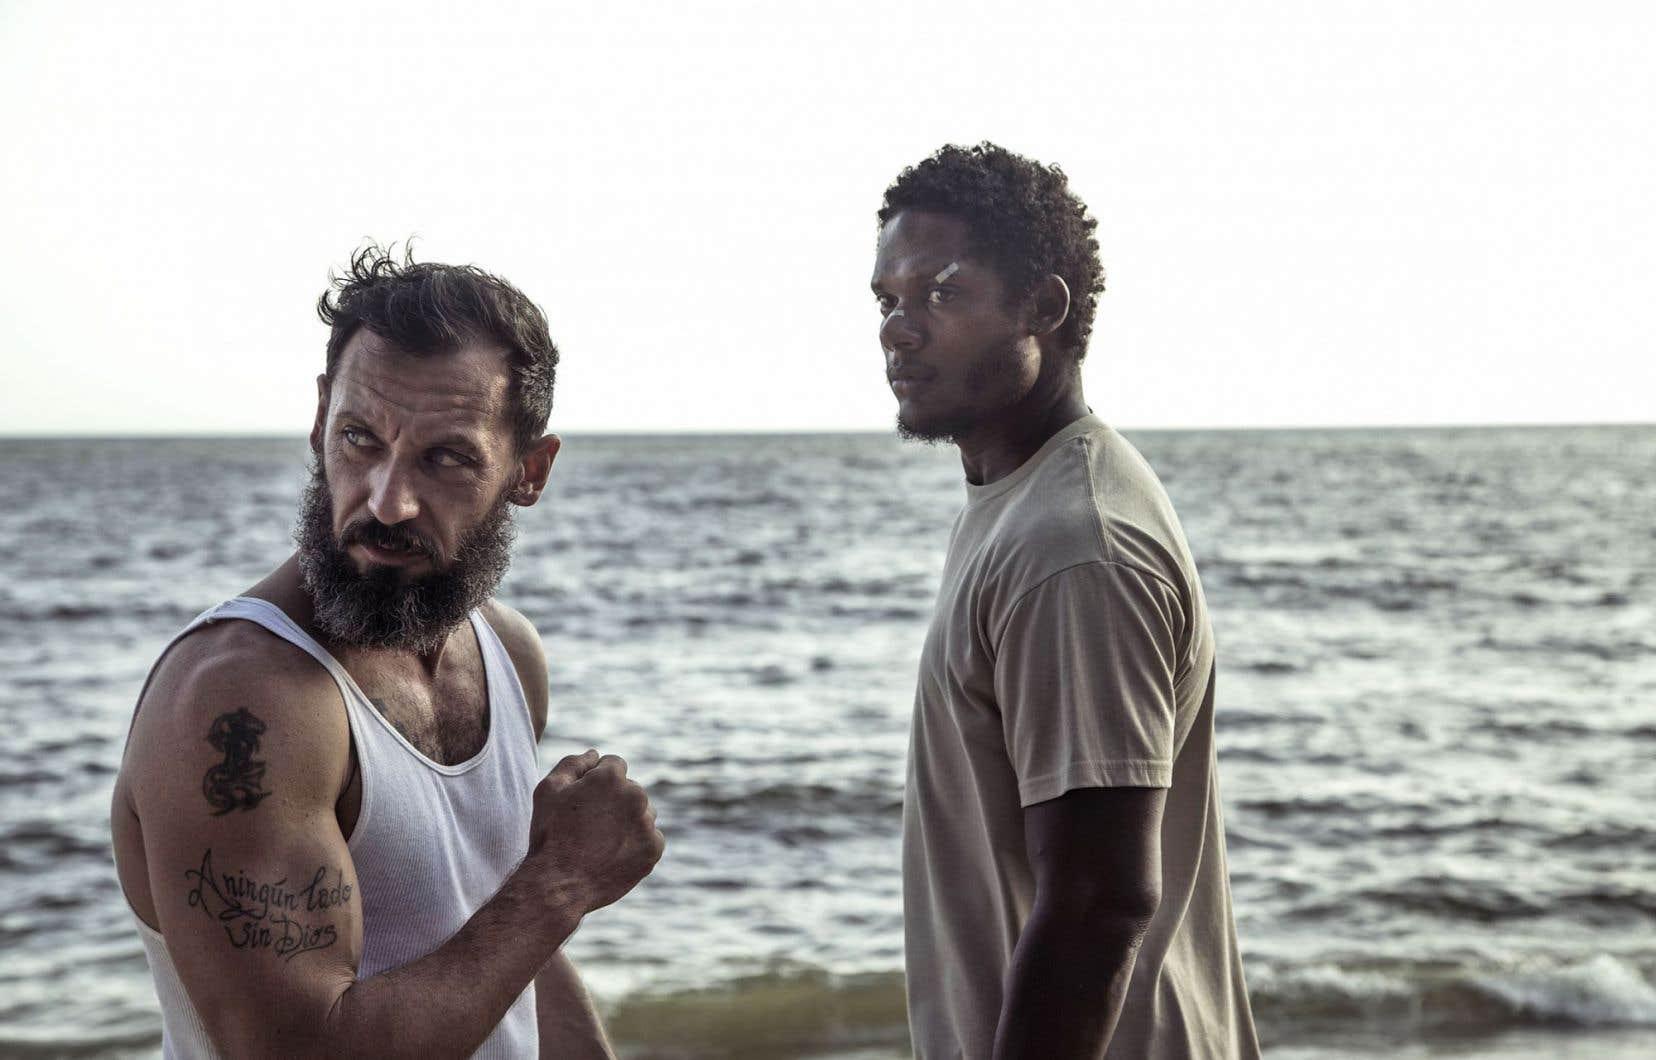 «Sambá», de Laura Amelia Guzman, double récit de rédemption avec pour protagonistes un ex-détenu dominicain forcé au combat de rue et un ex-pugiliste italien accro au jeu qui accepte de l'entraîner, a séduit le jury du FCVQ.